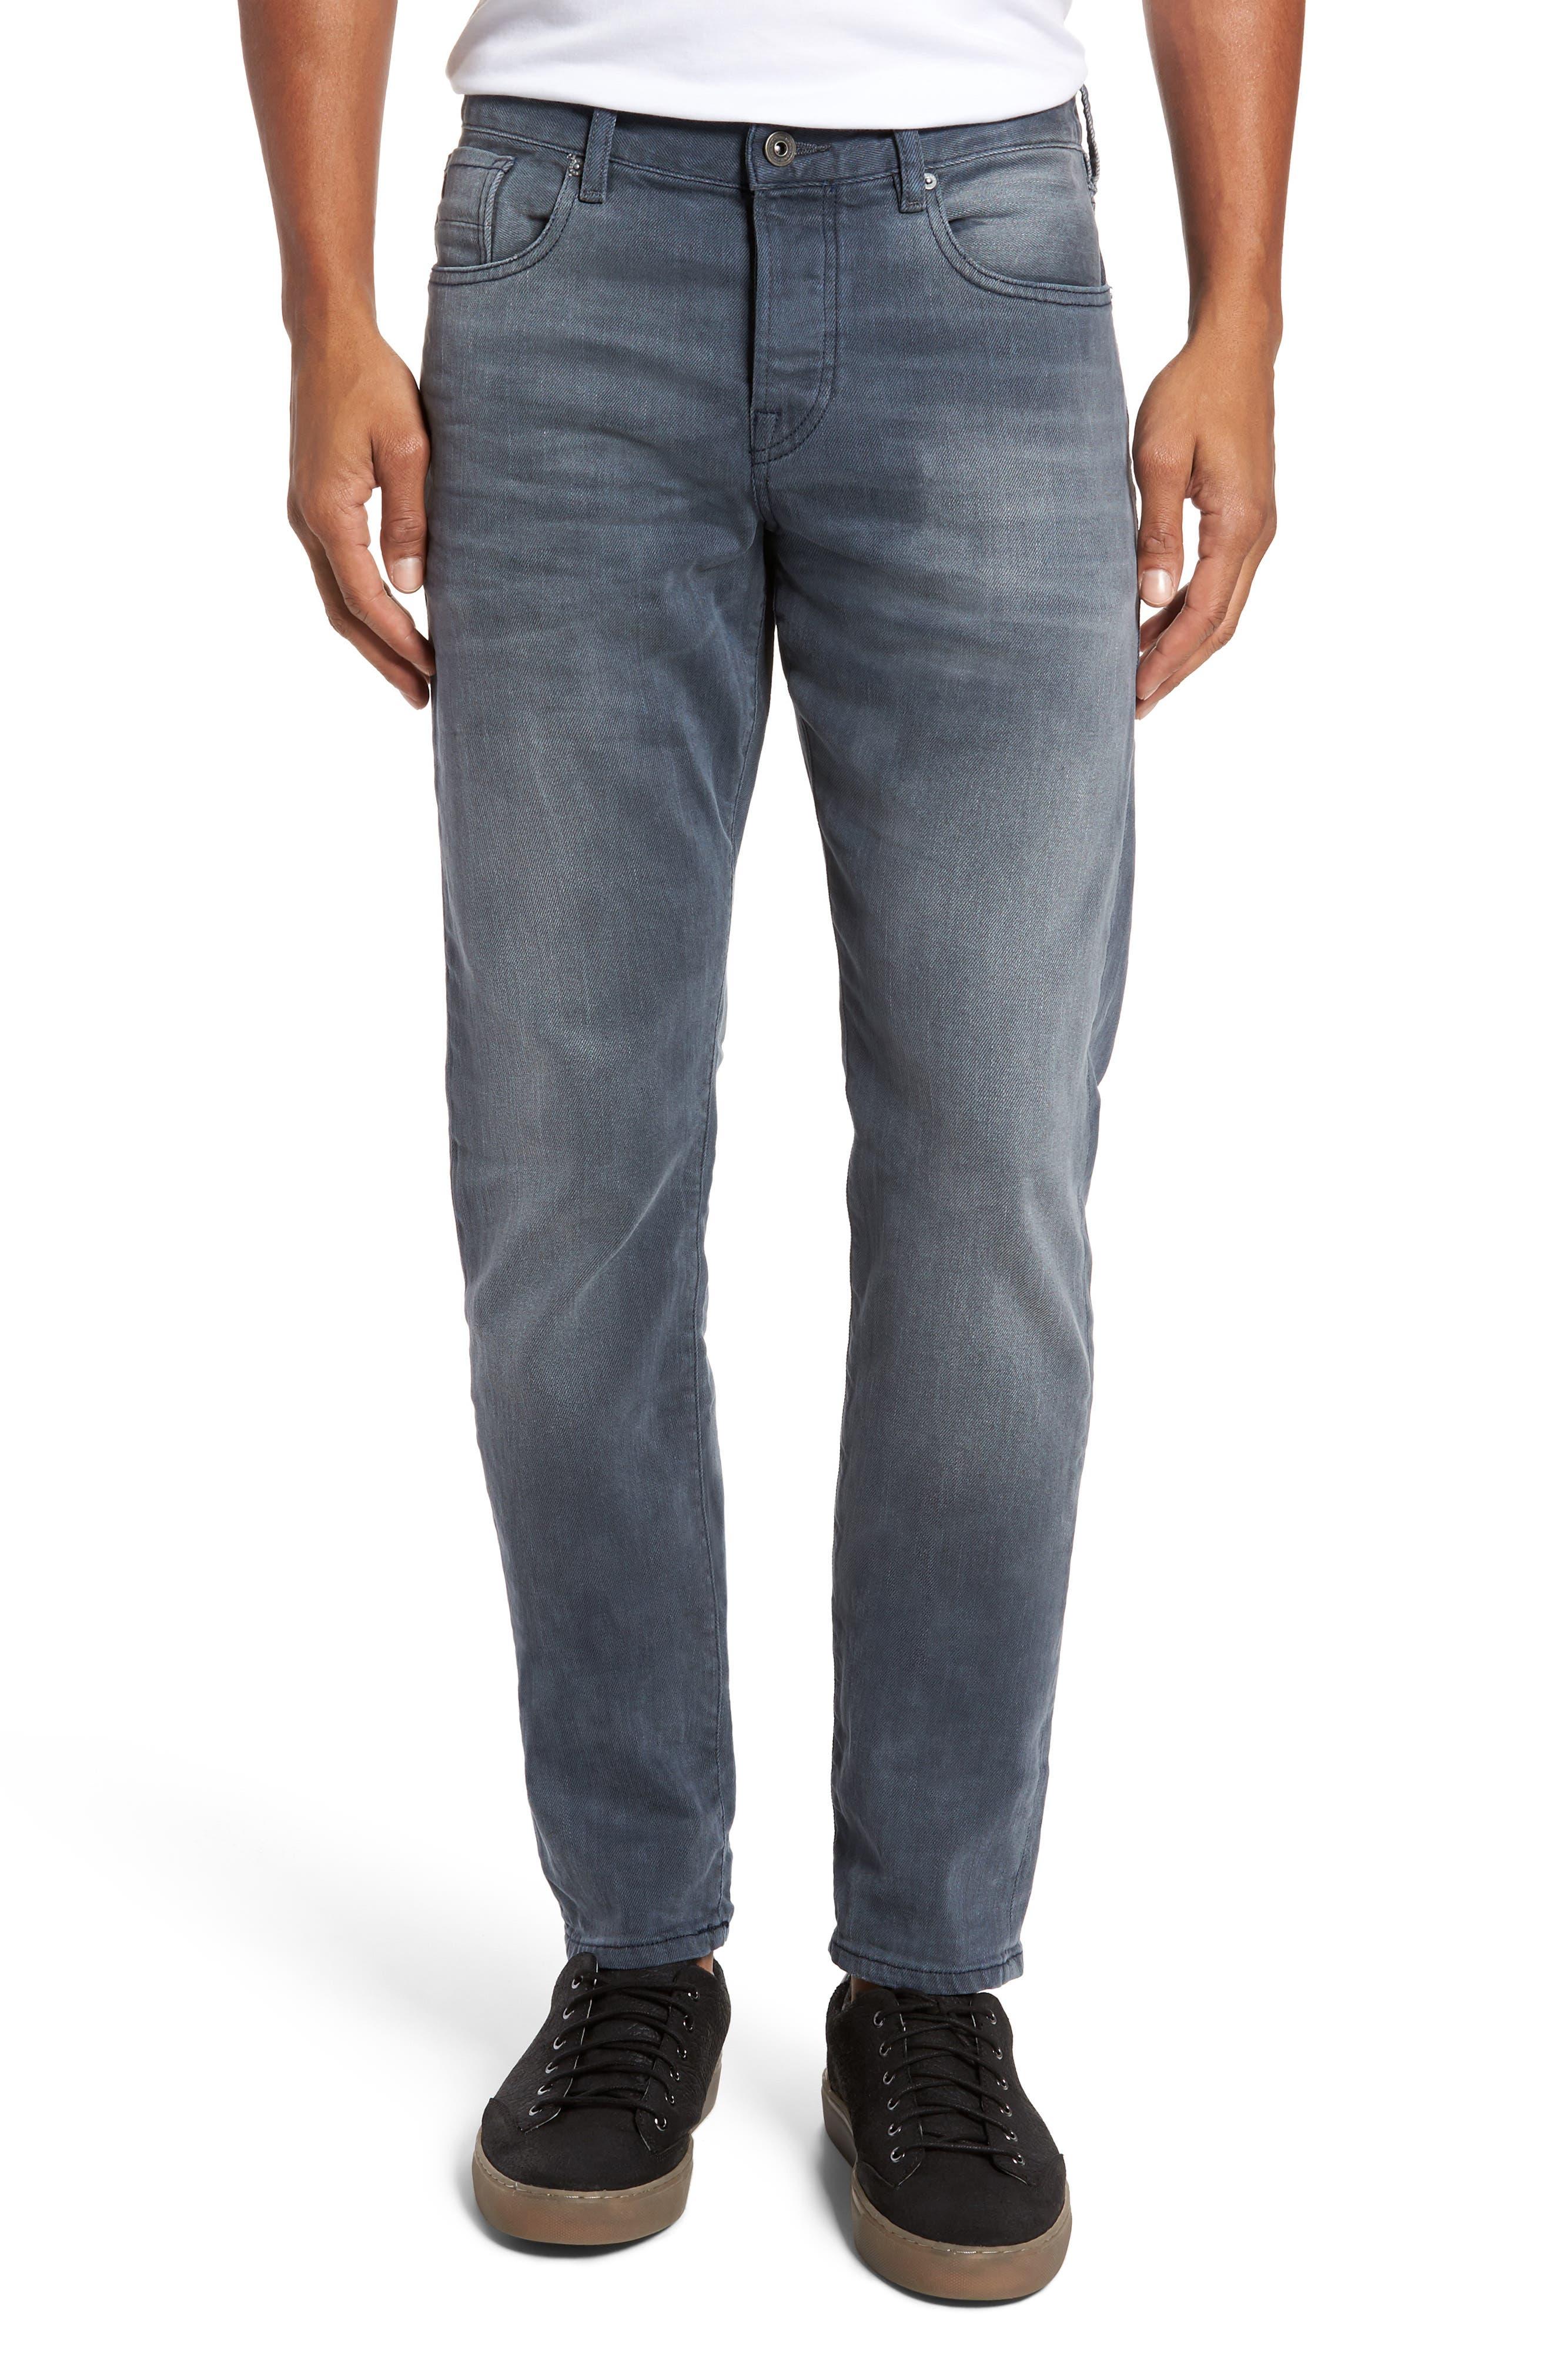 Ralston Slim Straight Leg Jeans,                         Main,                         color, Concrete Bleach